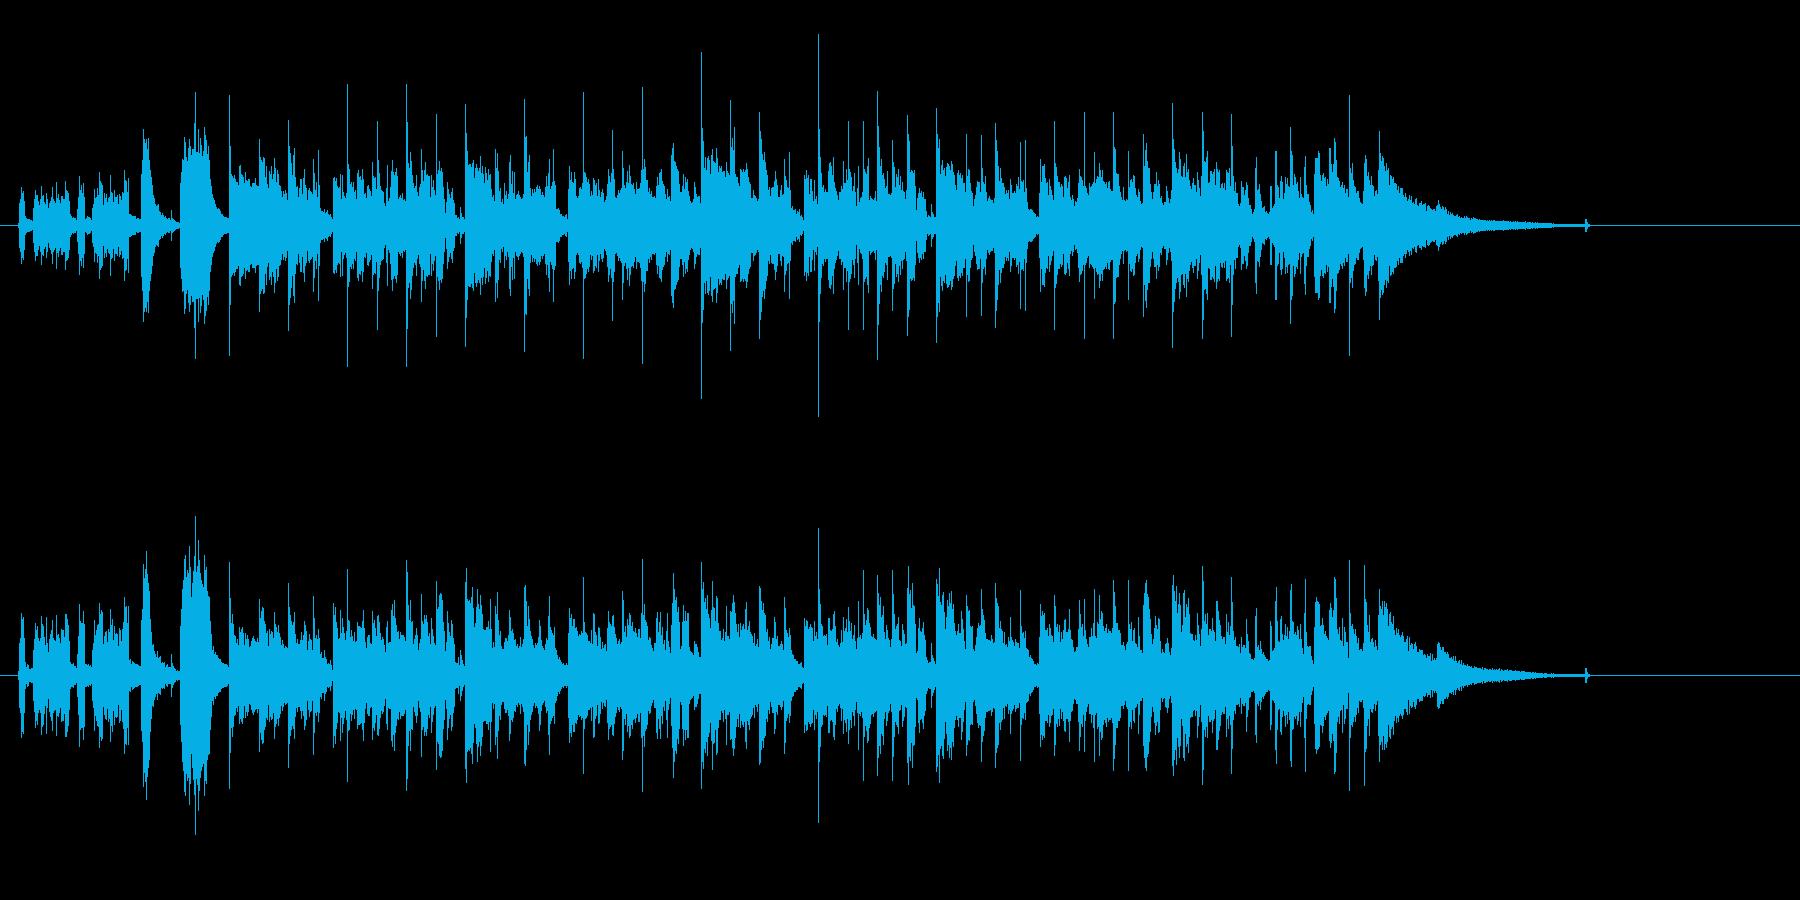 タイトに弾むフュージョン・サウンドの再生済みの波形